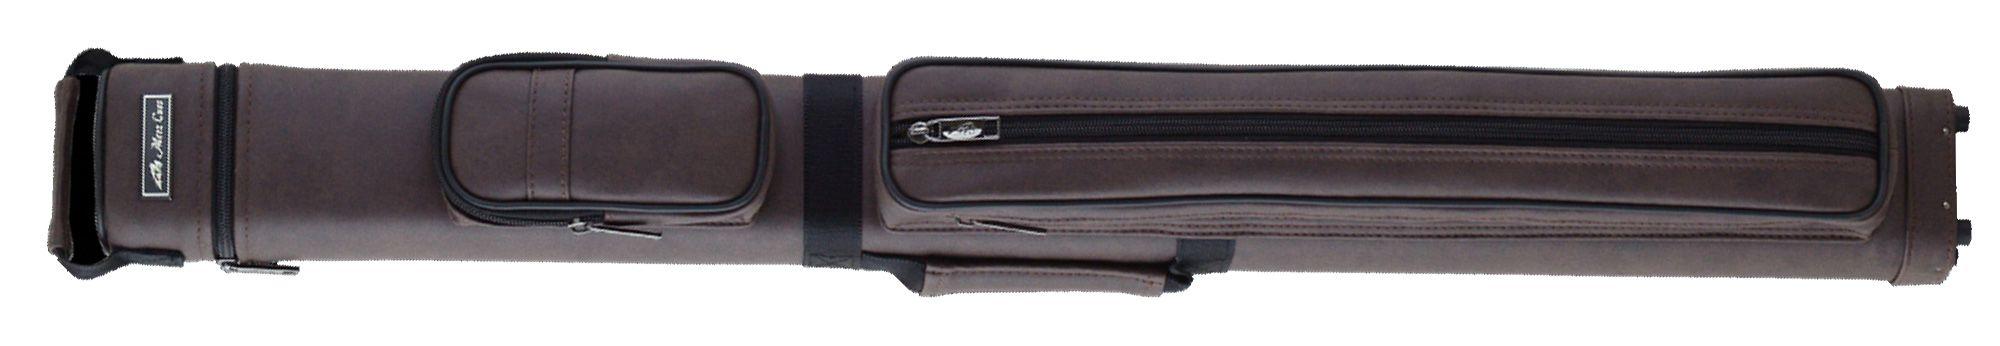 キューケース mo-23t ダークブラウン (バット2本シャフト3本収納) 商品画像